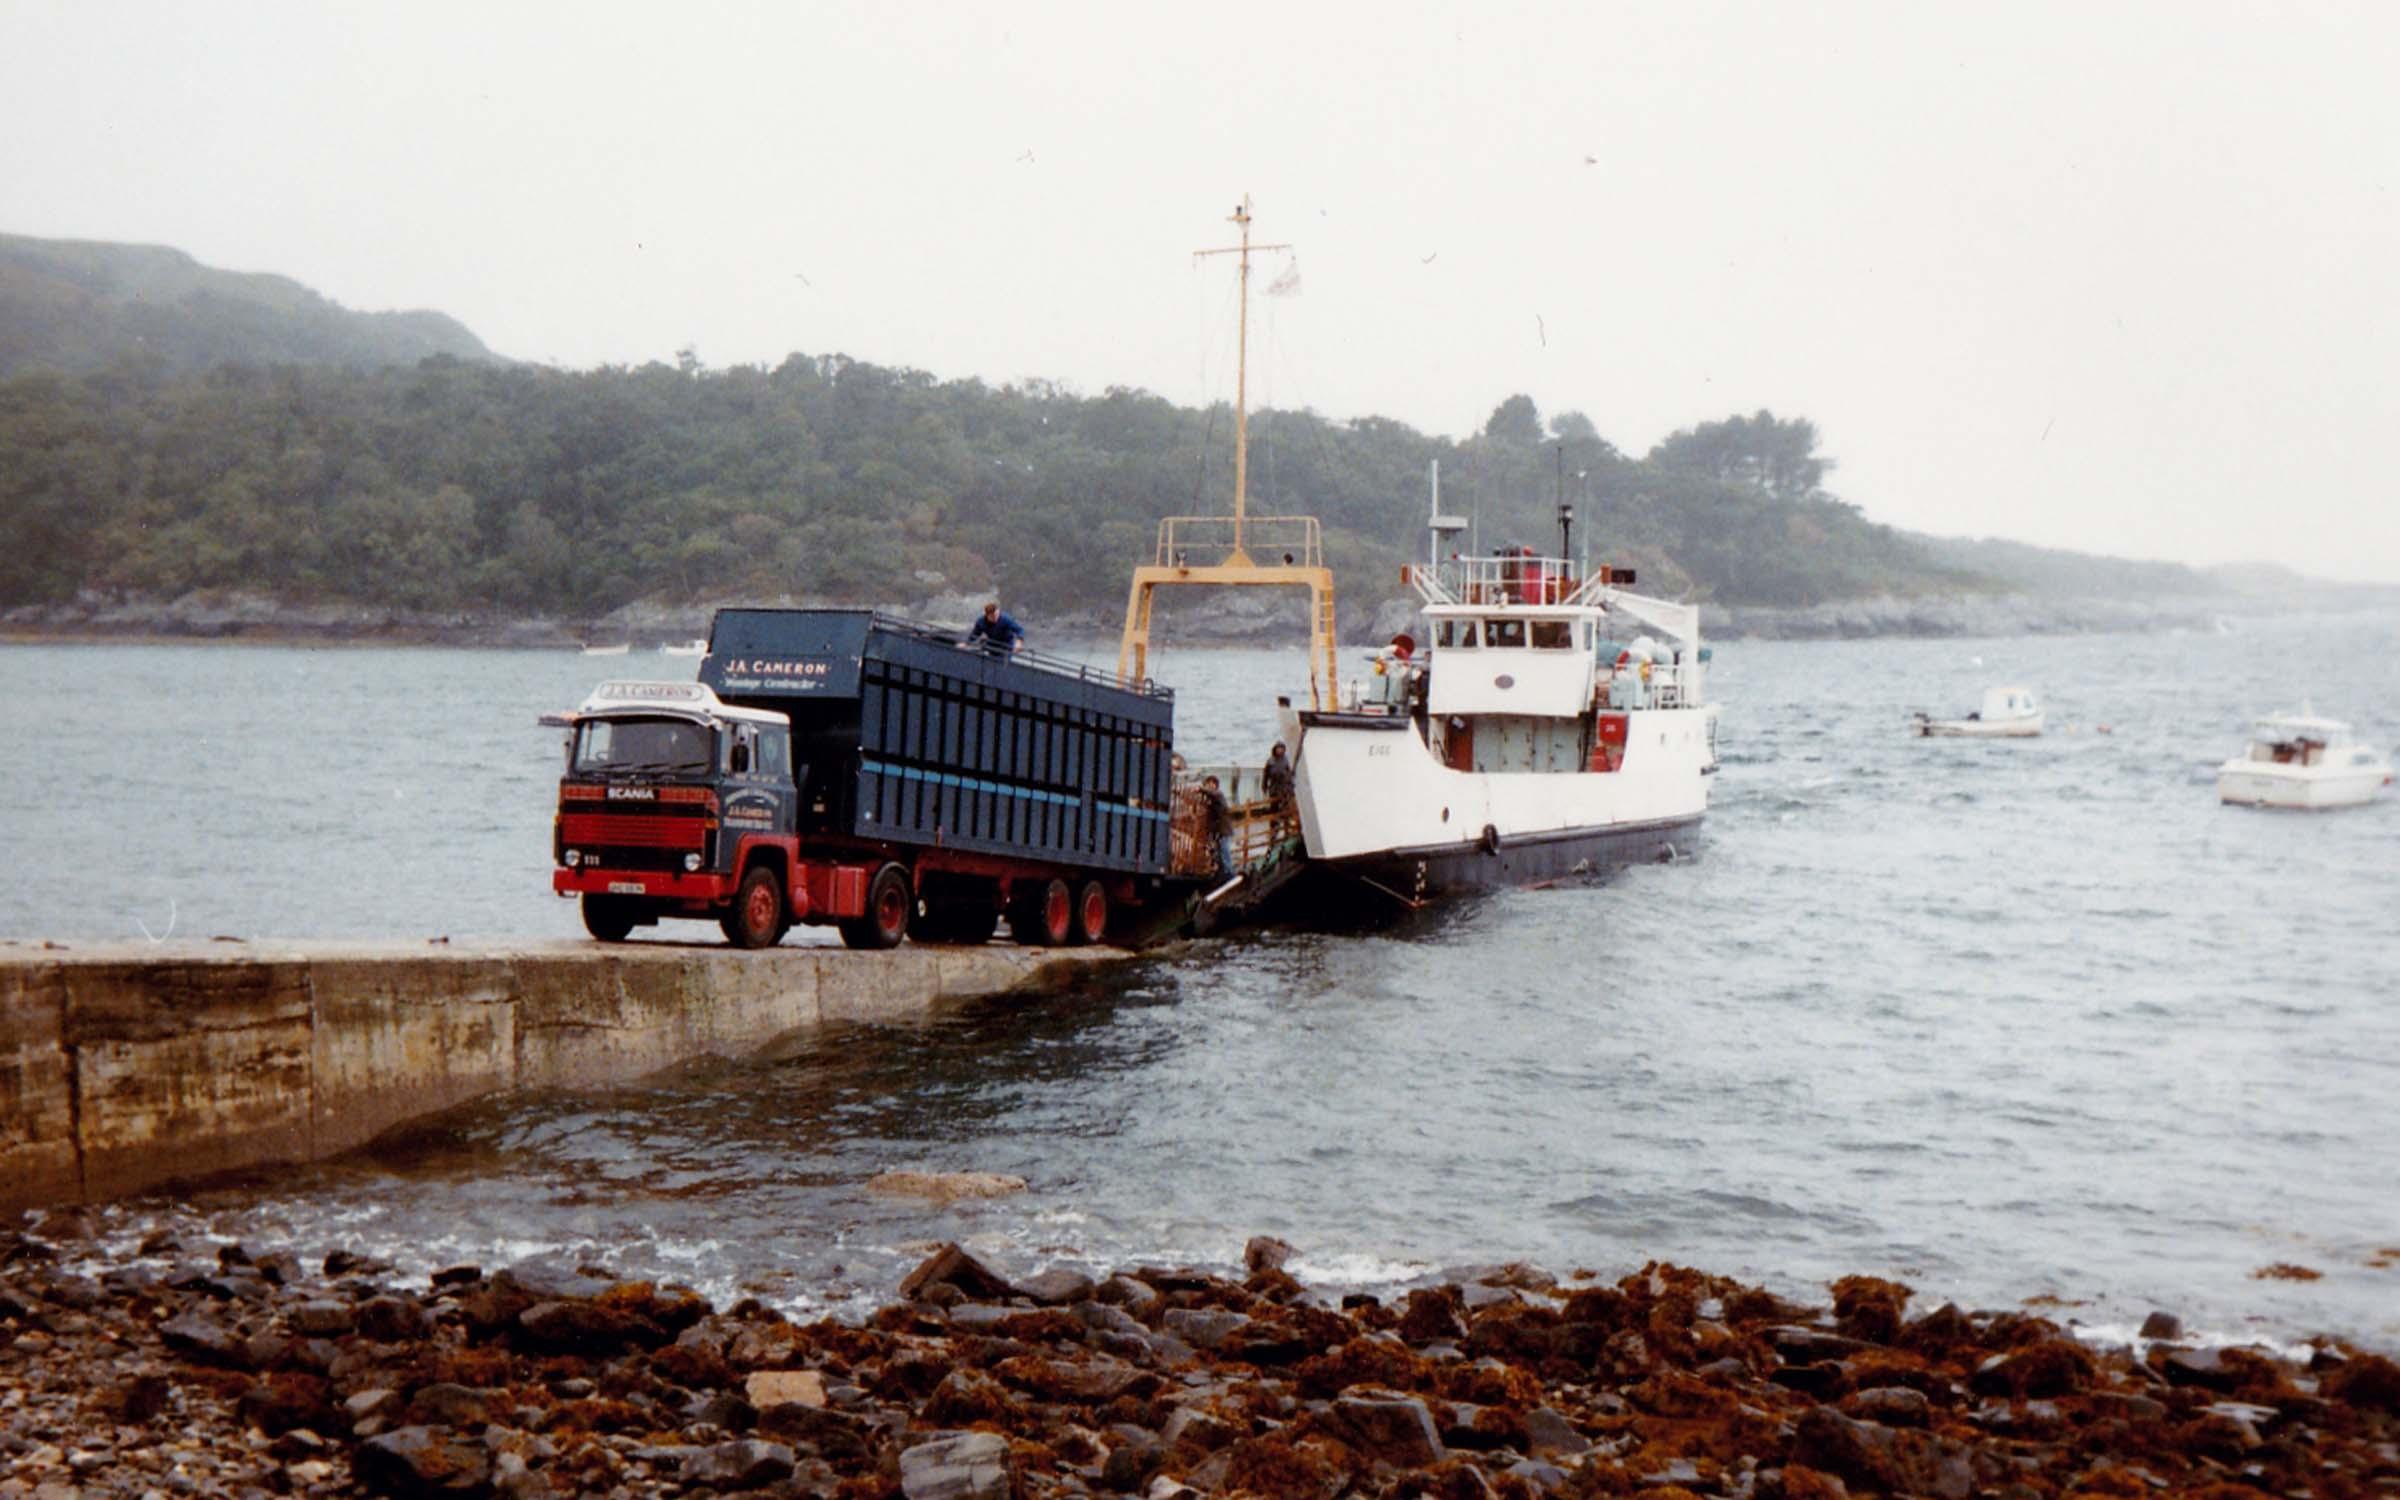 Eigg unloading sheep at Glenuig on charter (Jim Aikman Smith)